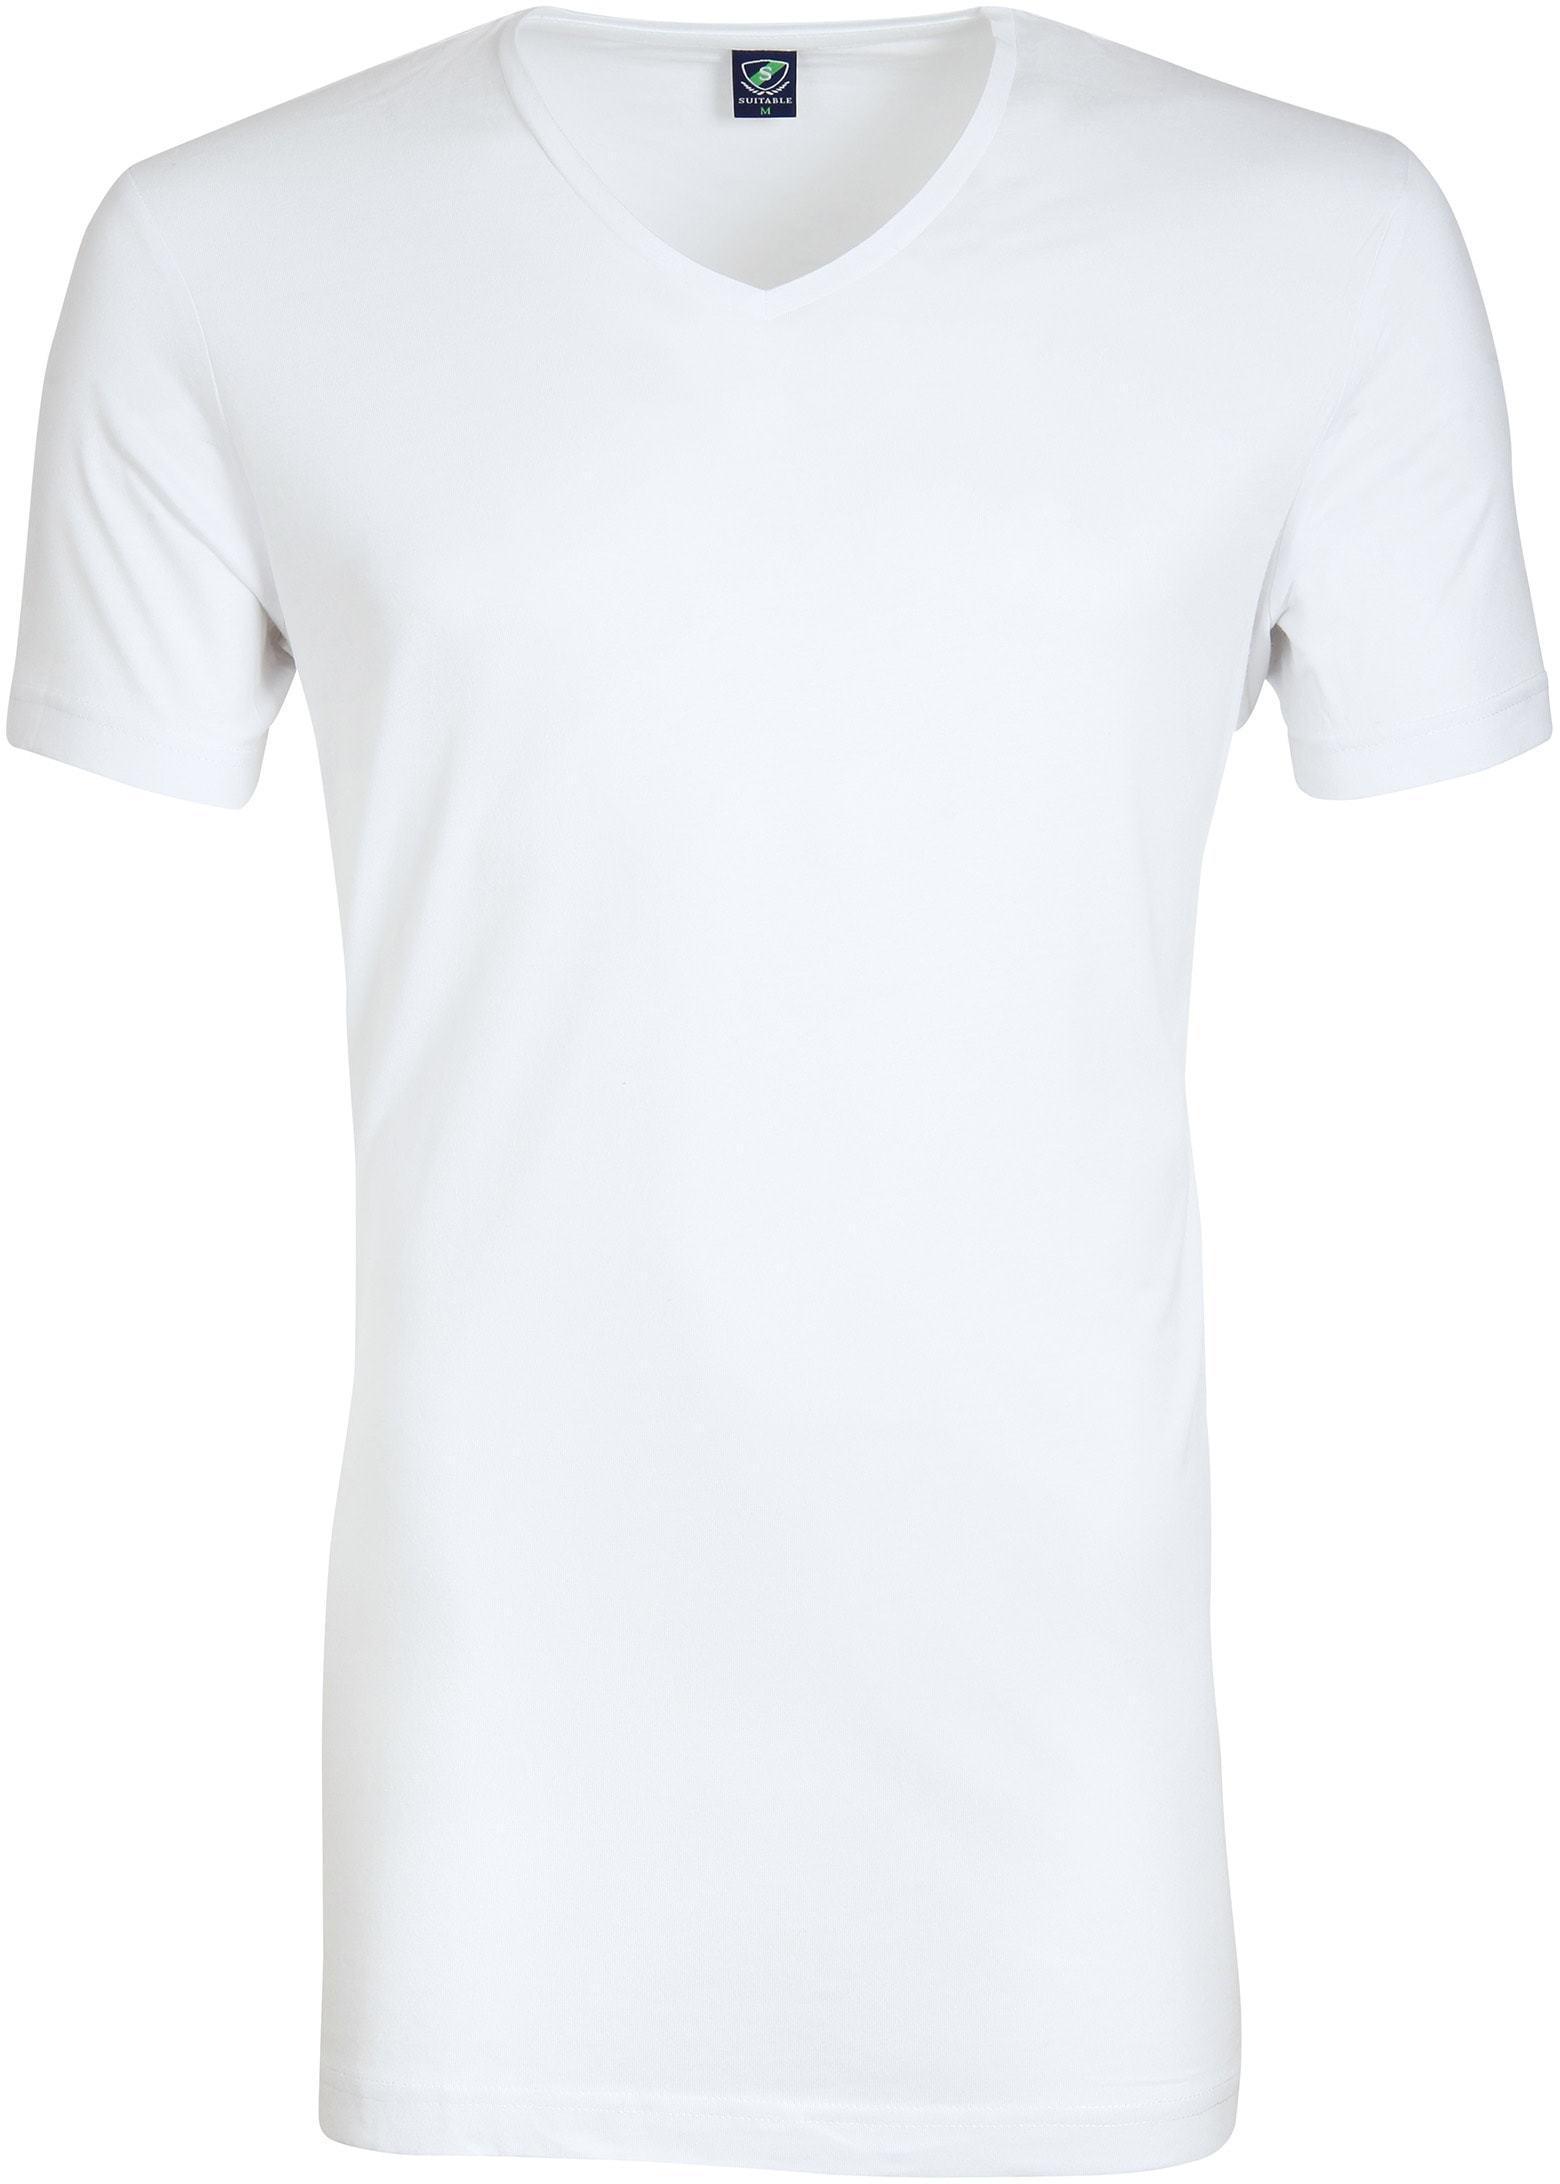 V-Ausschnitt 6-Pack Bambus T-Shirt Weiß foto 1